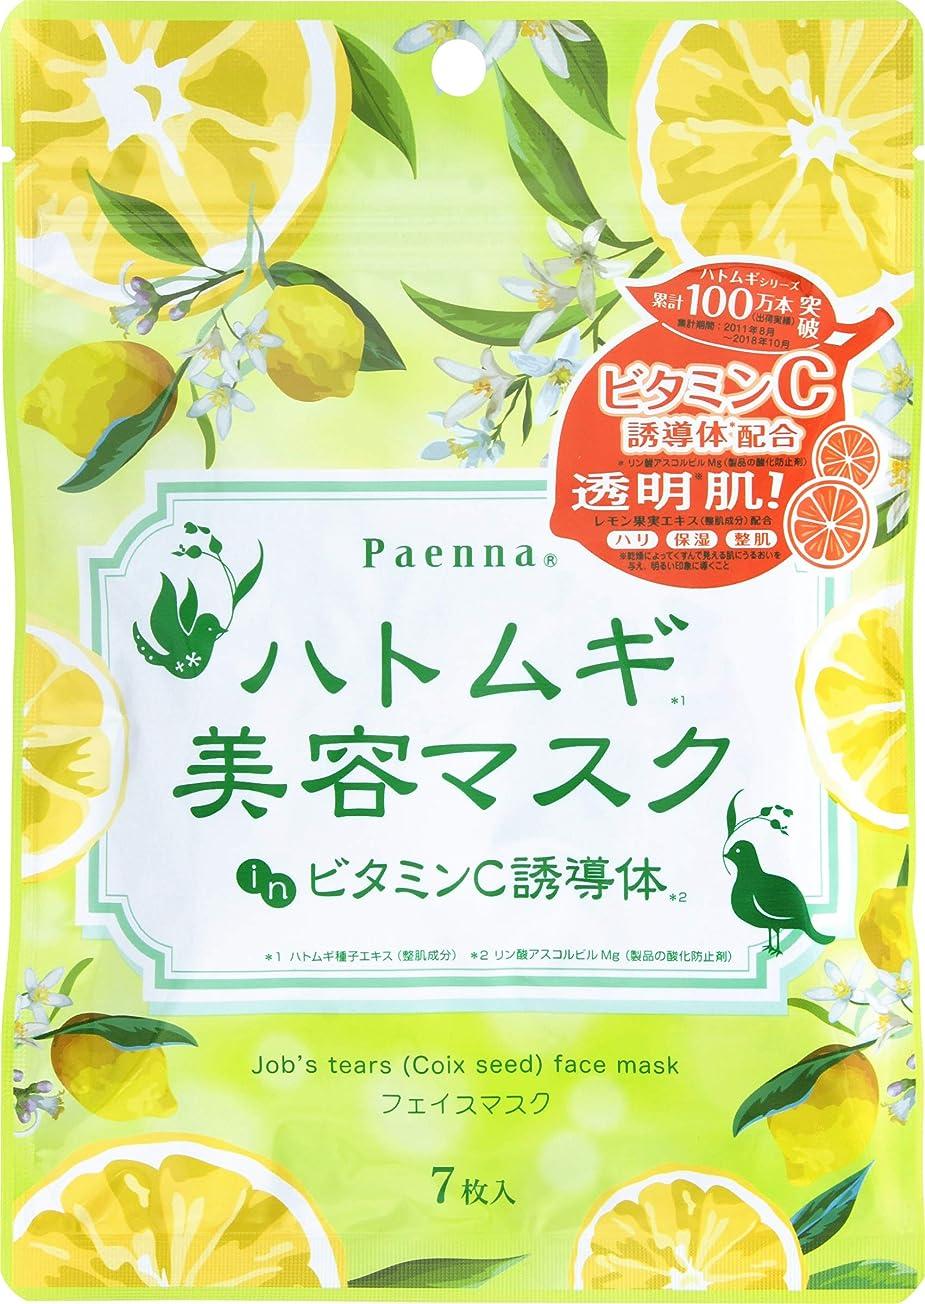 牛肉保証海パエンナ ハトムギ美容マスク inビタミンC誘導体 7枚(90ml)